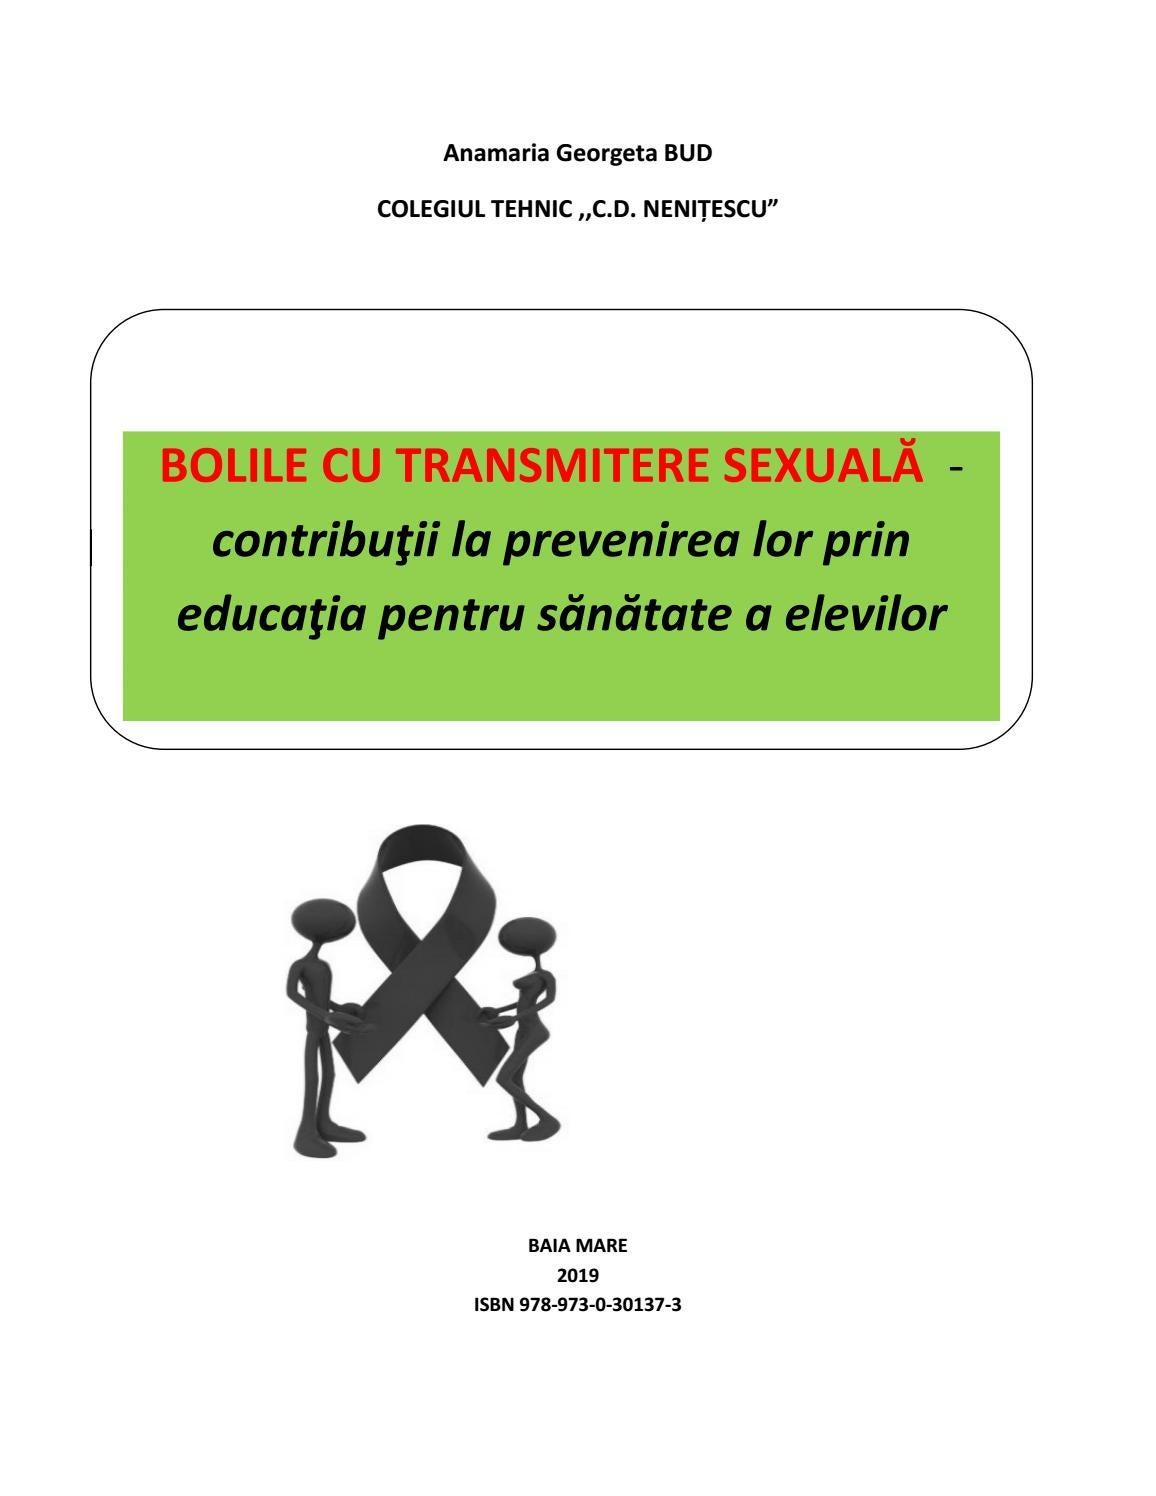 boli cu transmitere sexuală și vedere